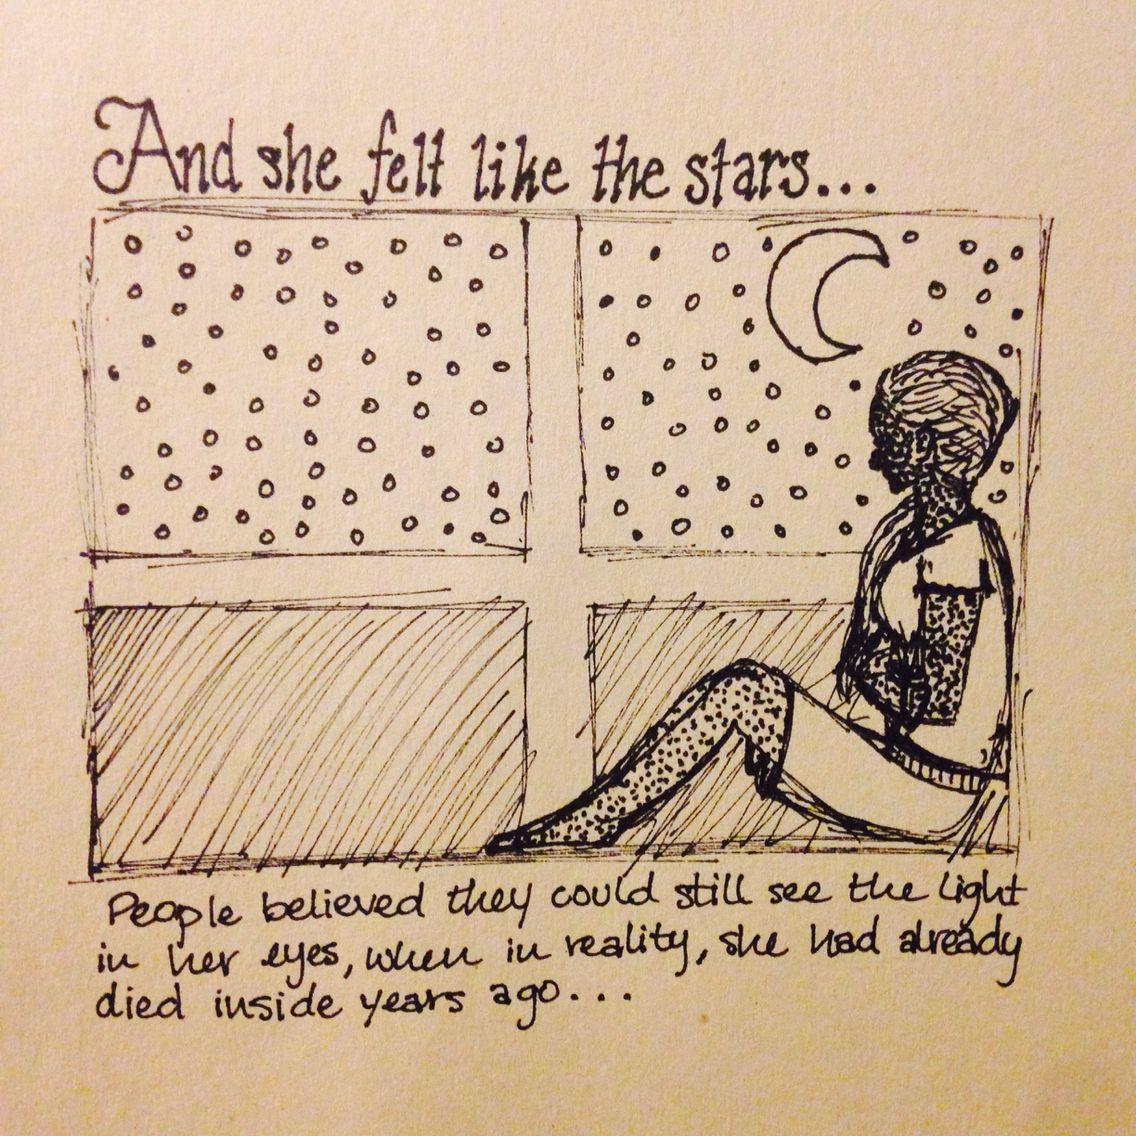 She felt like the stars...sad